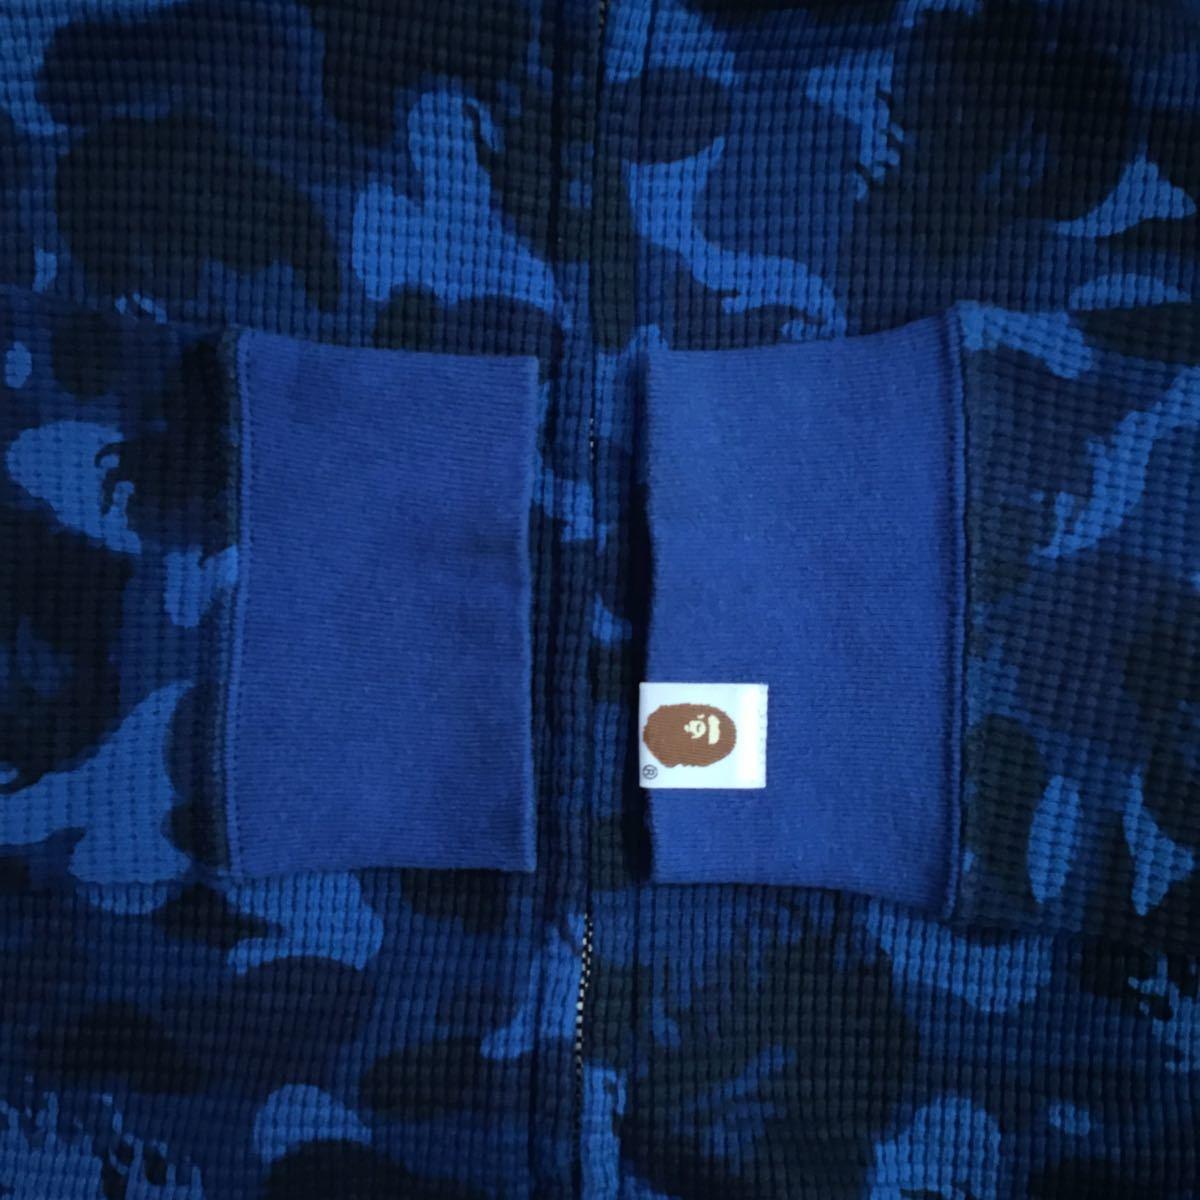 ★激レア★ Fire camo パーカー Mサイズ a bathing ape bape hoodie エイプ ベイプ アベイシングエイプ ファイヤーカモ blue ブルー 迷彩_画像2